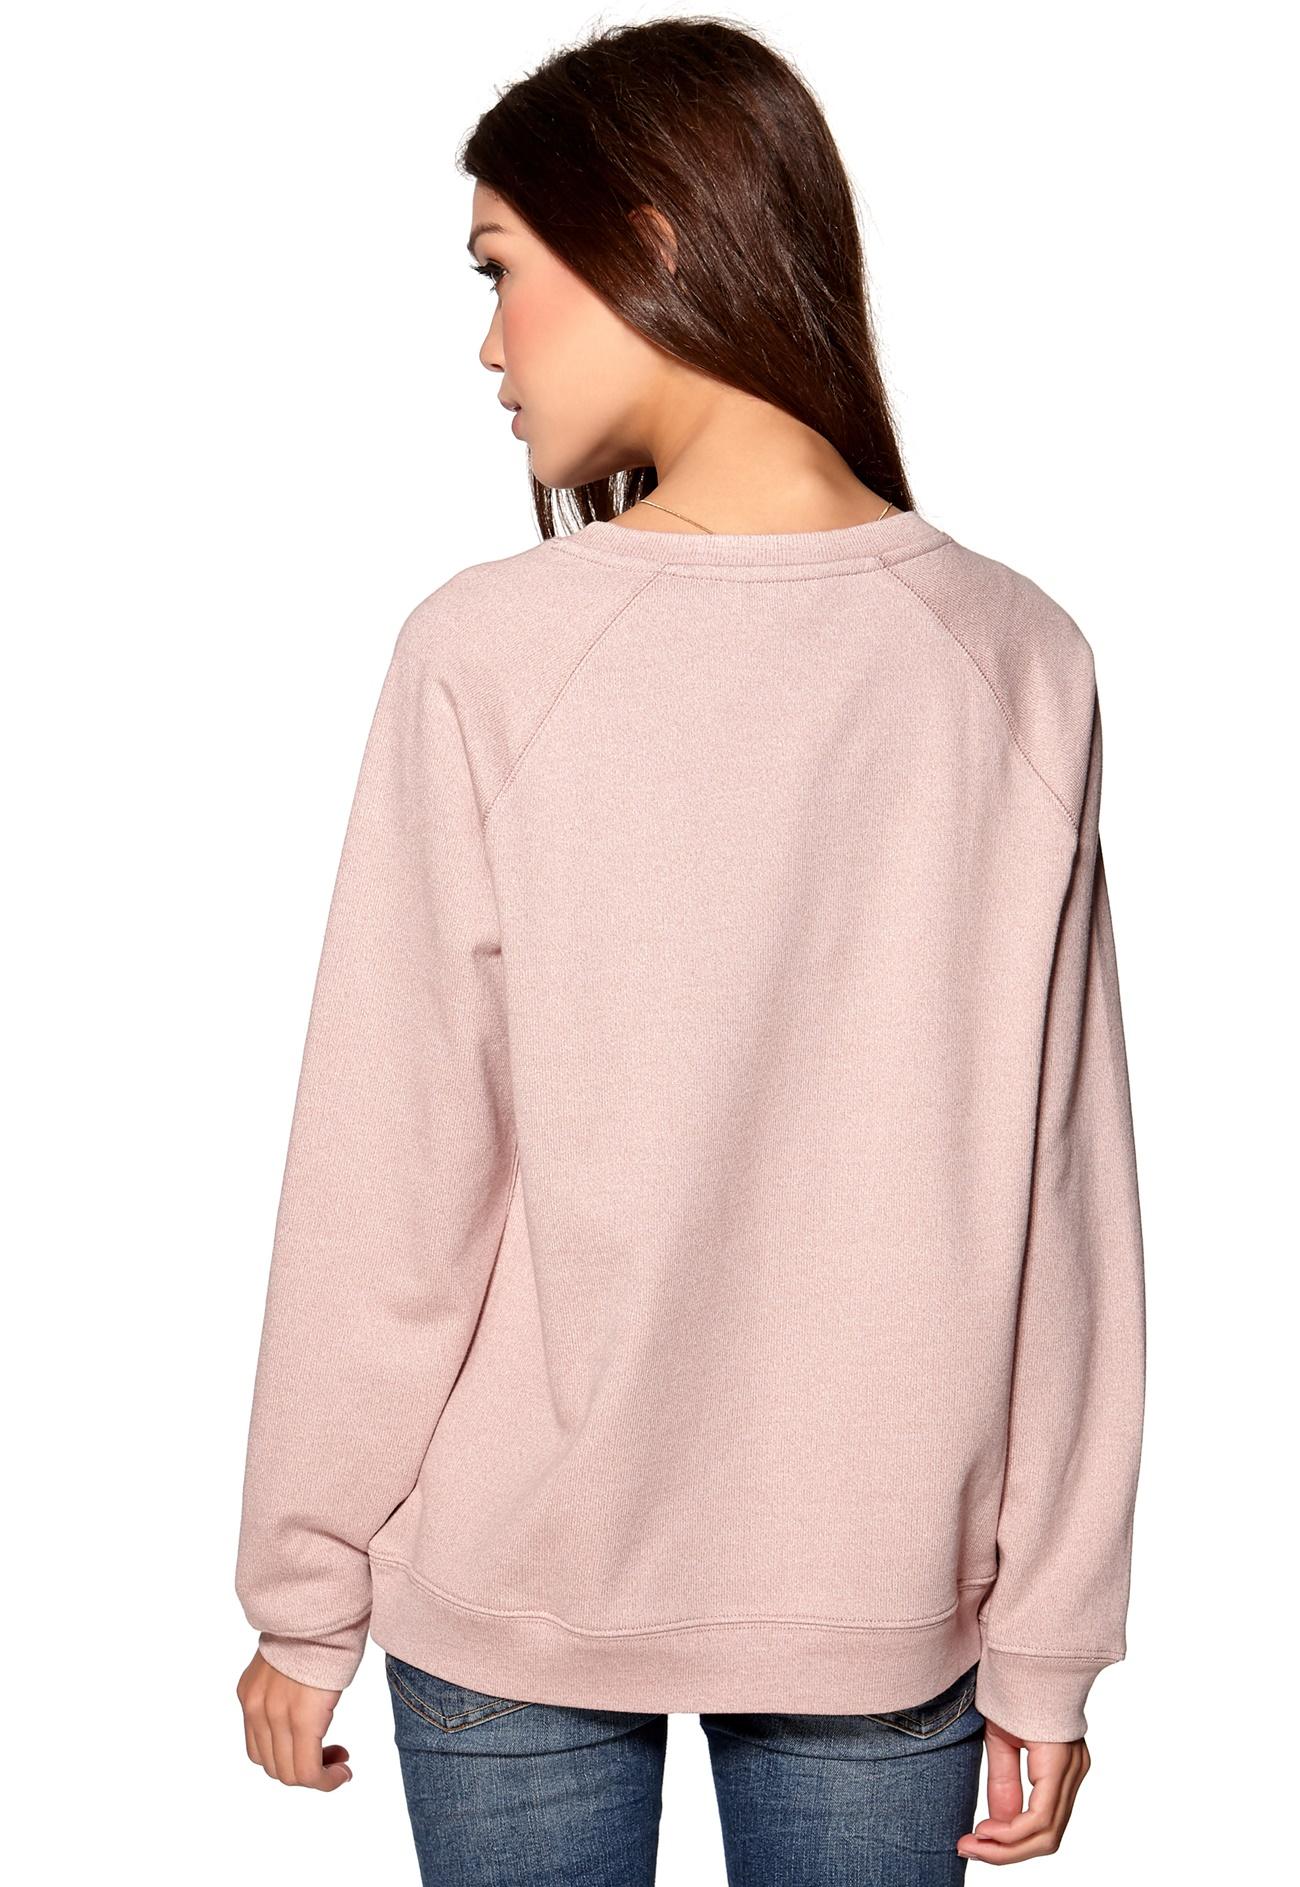 tommy hilfiger irene sweatshirt pink bubbleroom. Black Bedroom Furniture Sets. Home Design Ideas